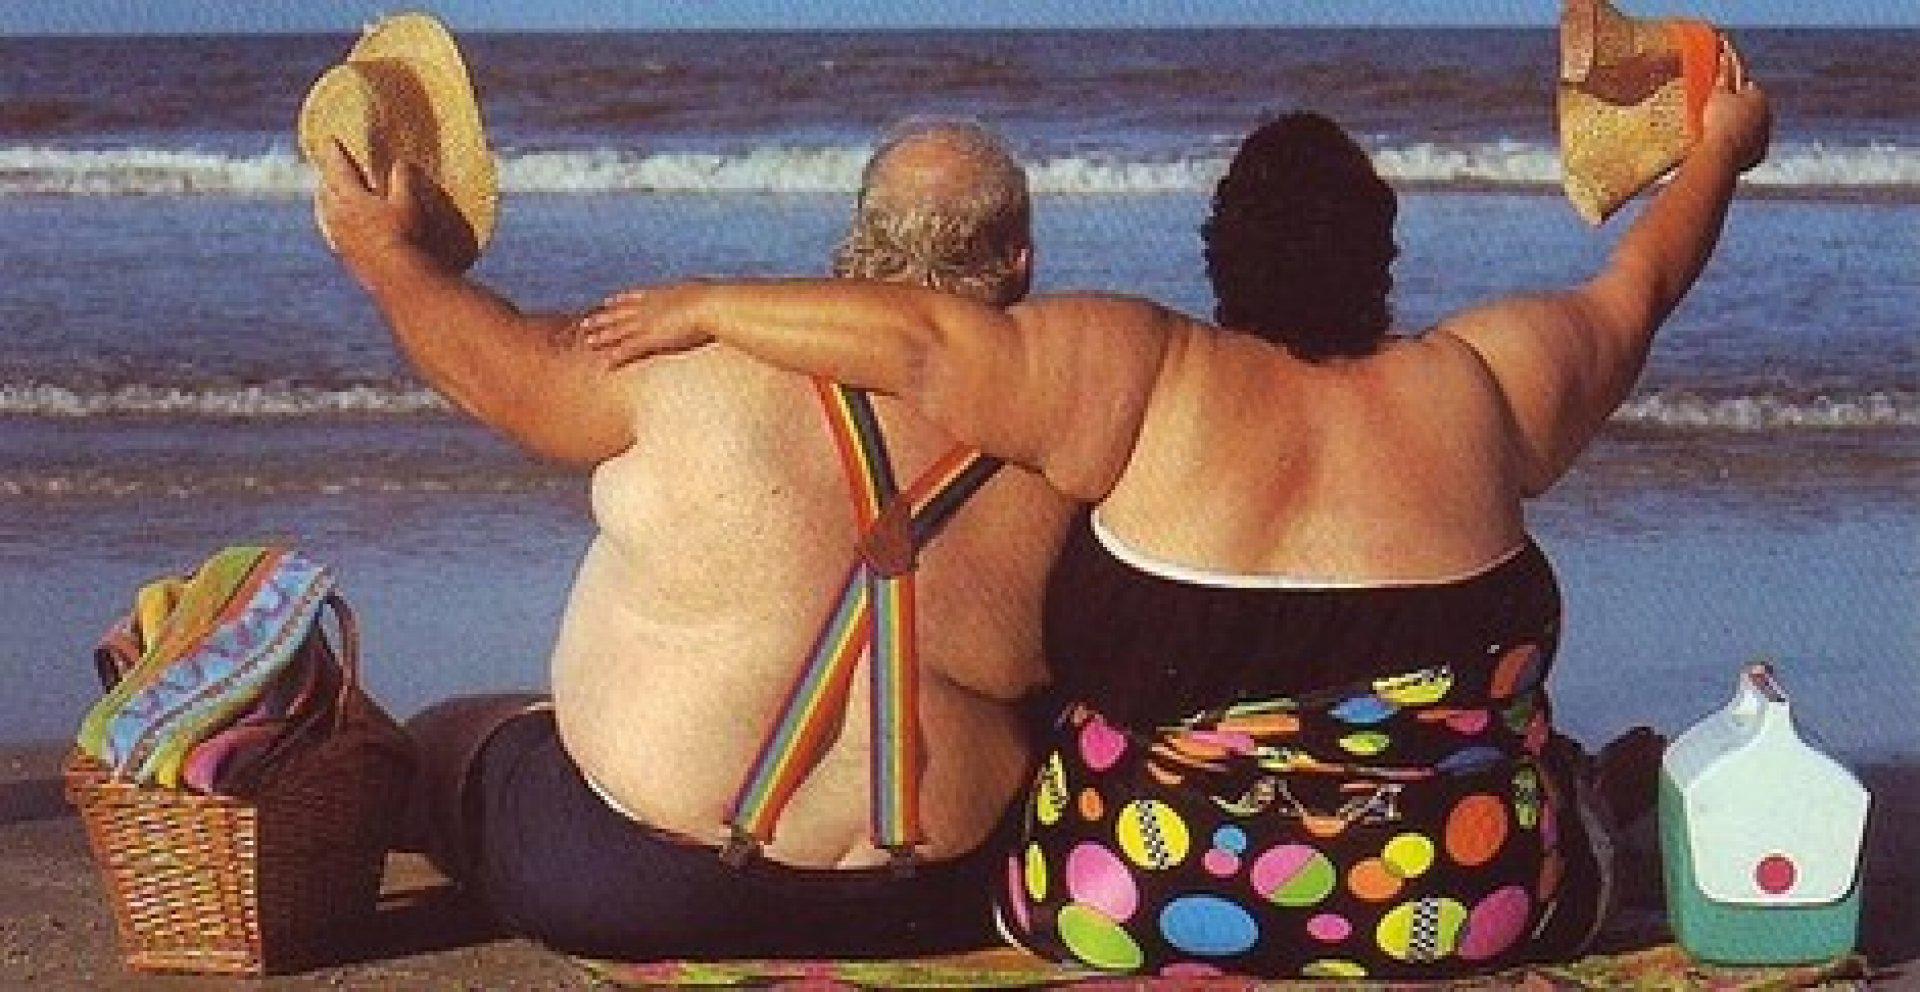 Αποτέλεσμα εικόνας για  χρησιμοποιούν οι άνθρωποι για να είναι υπέρβαροι